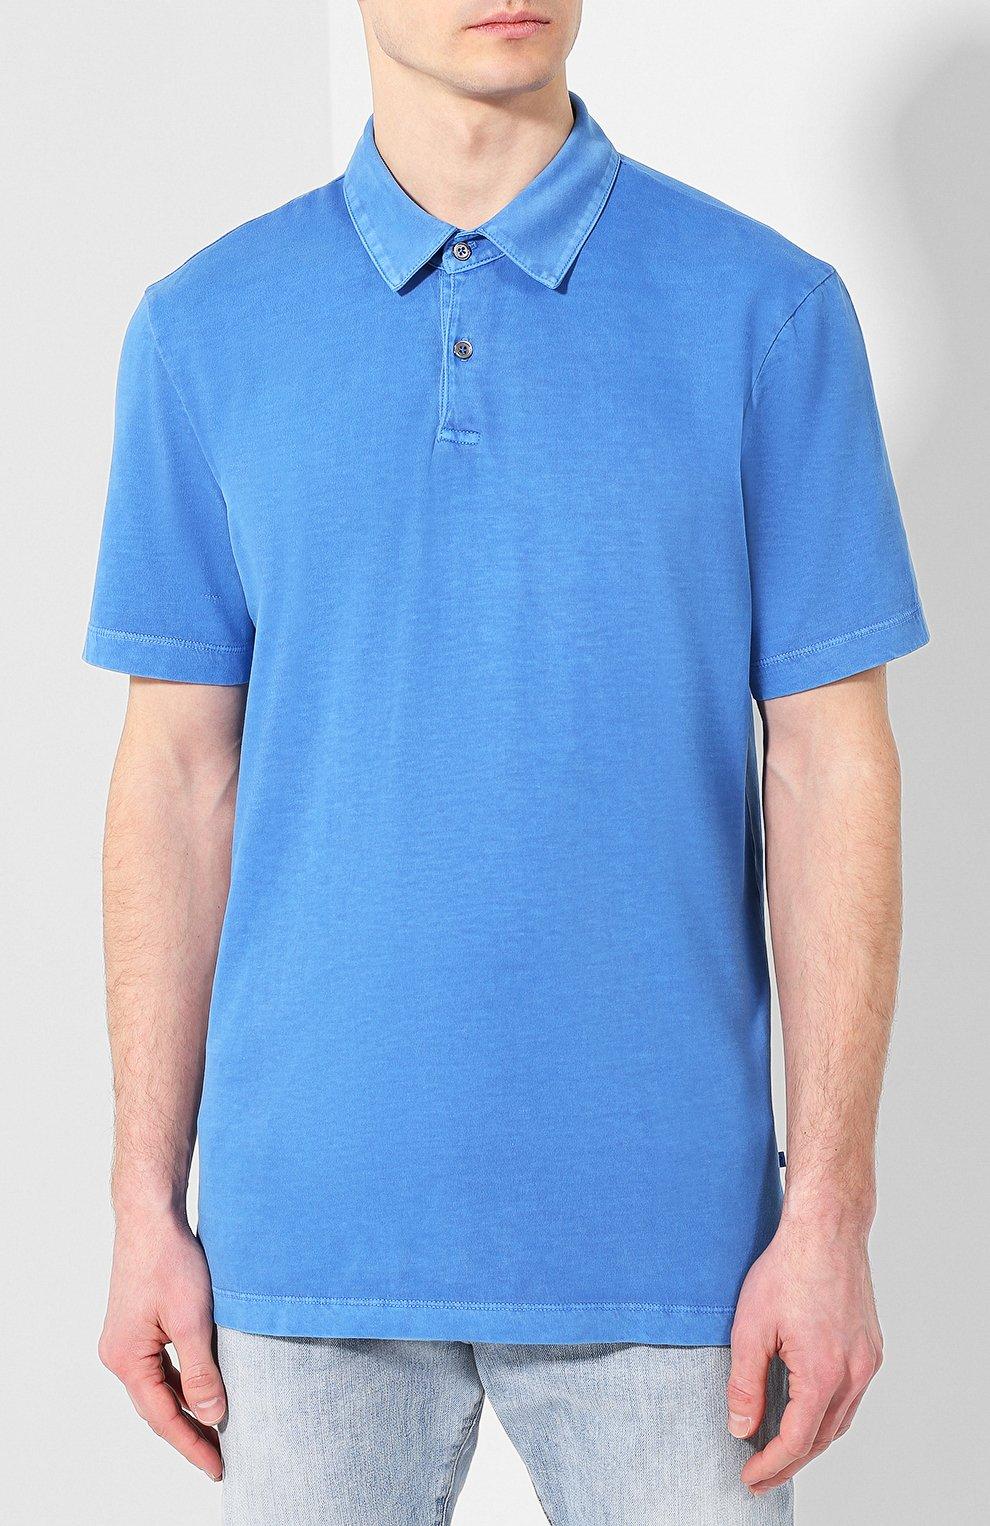 Мужское хлопковое поло JAMES PERSE синего цвета, арт. MSX3337   Фото 3 (Застежка: Пуговицы; Рукава: Короткие; Длина (для топов): Удлиненные; Материал внешний: Хлопок)